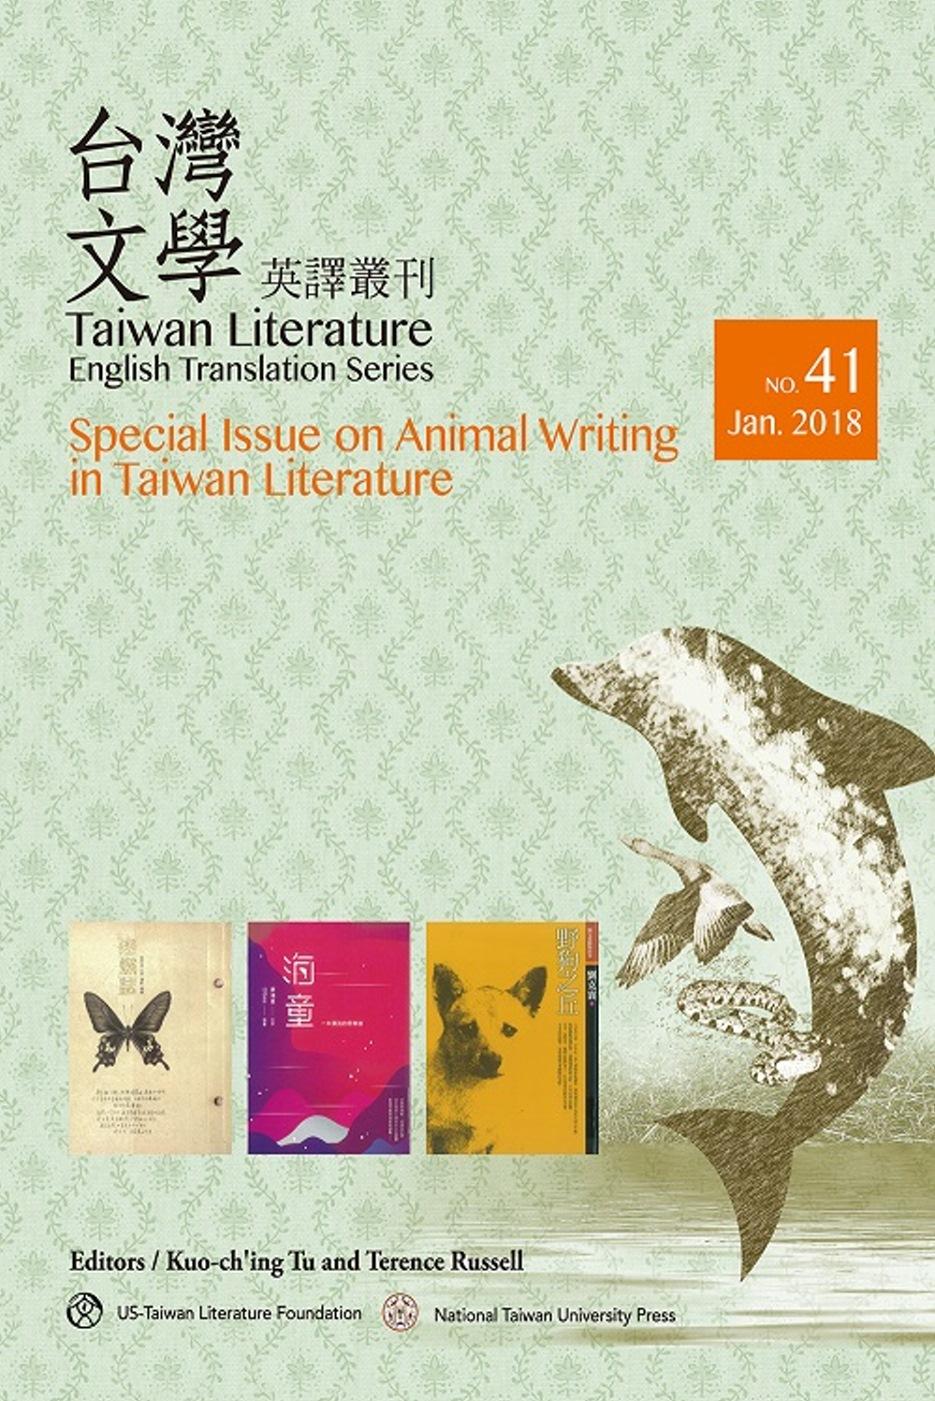 台灣文學英譯叢刊(No. 41):台灣文學的動物書寫專輯